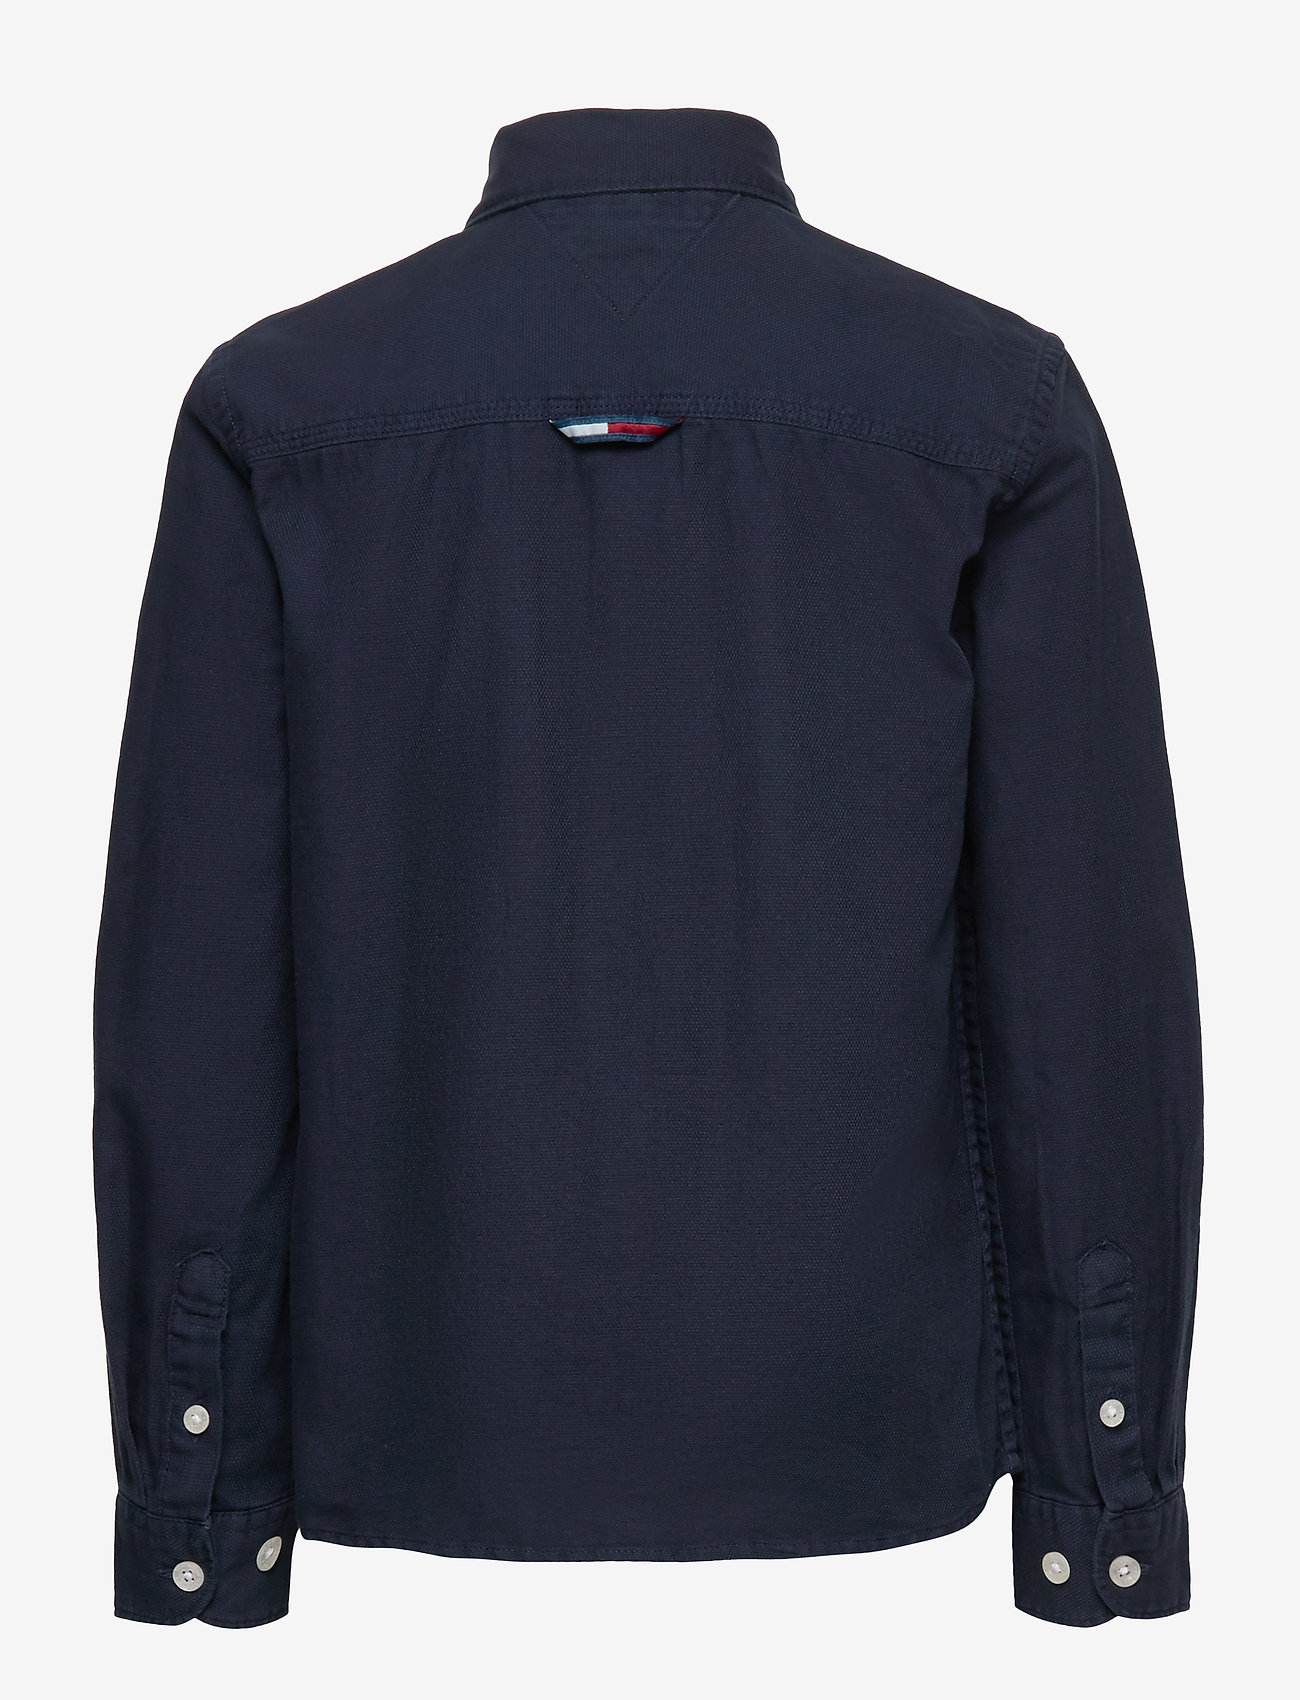 Tommy Hilfiger - OVERDYE DOBBY SHIRT L/S - shirts - twilight navy 654-860